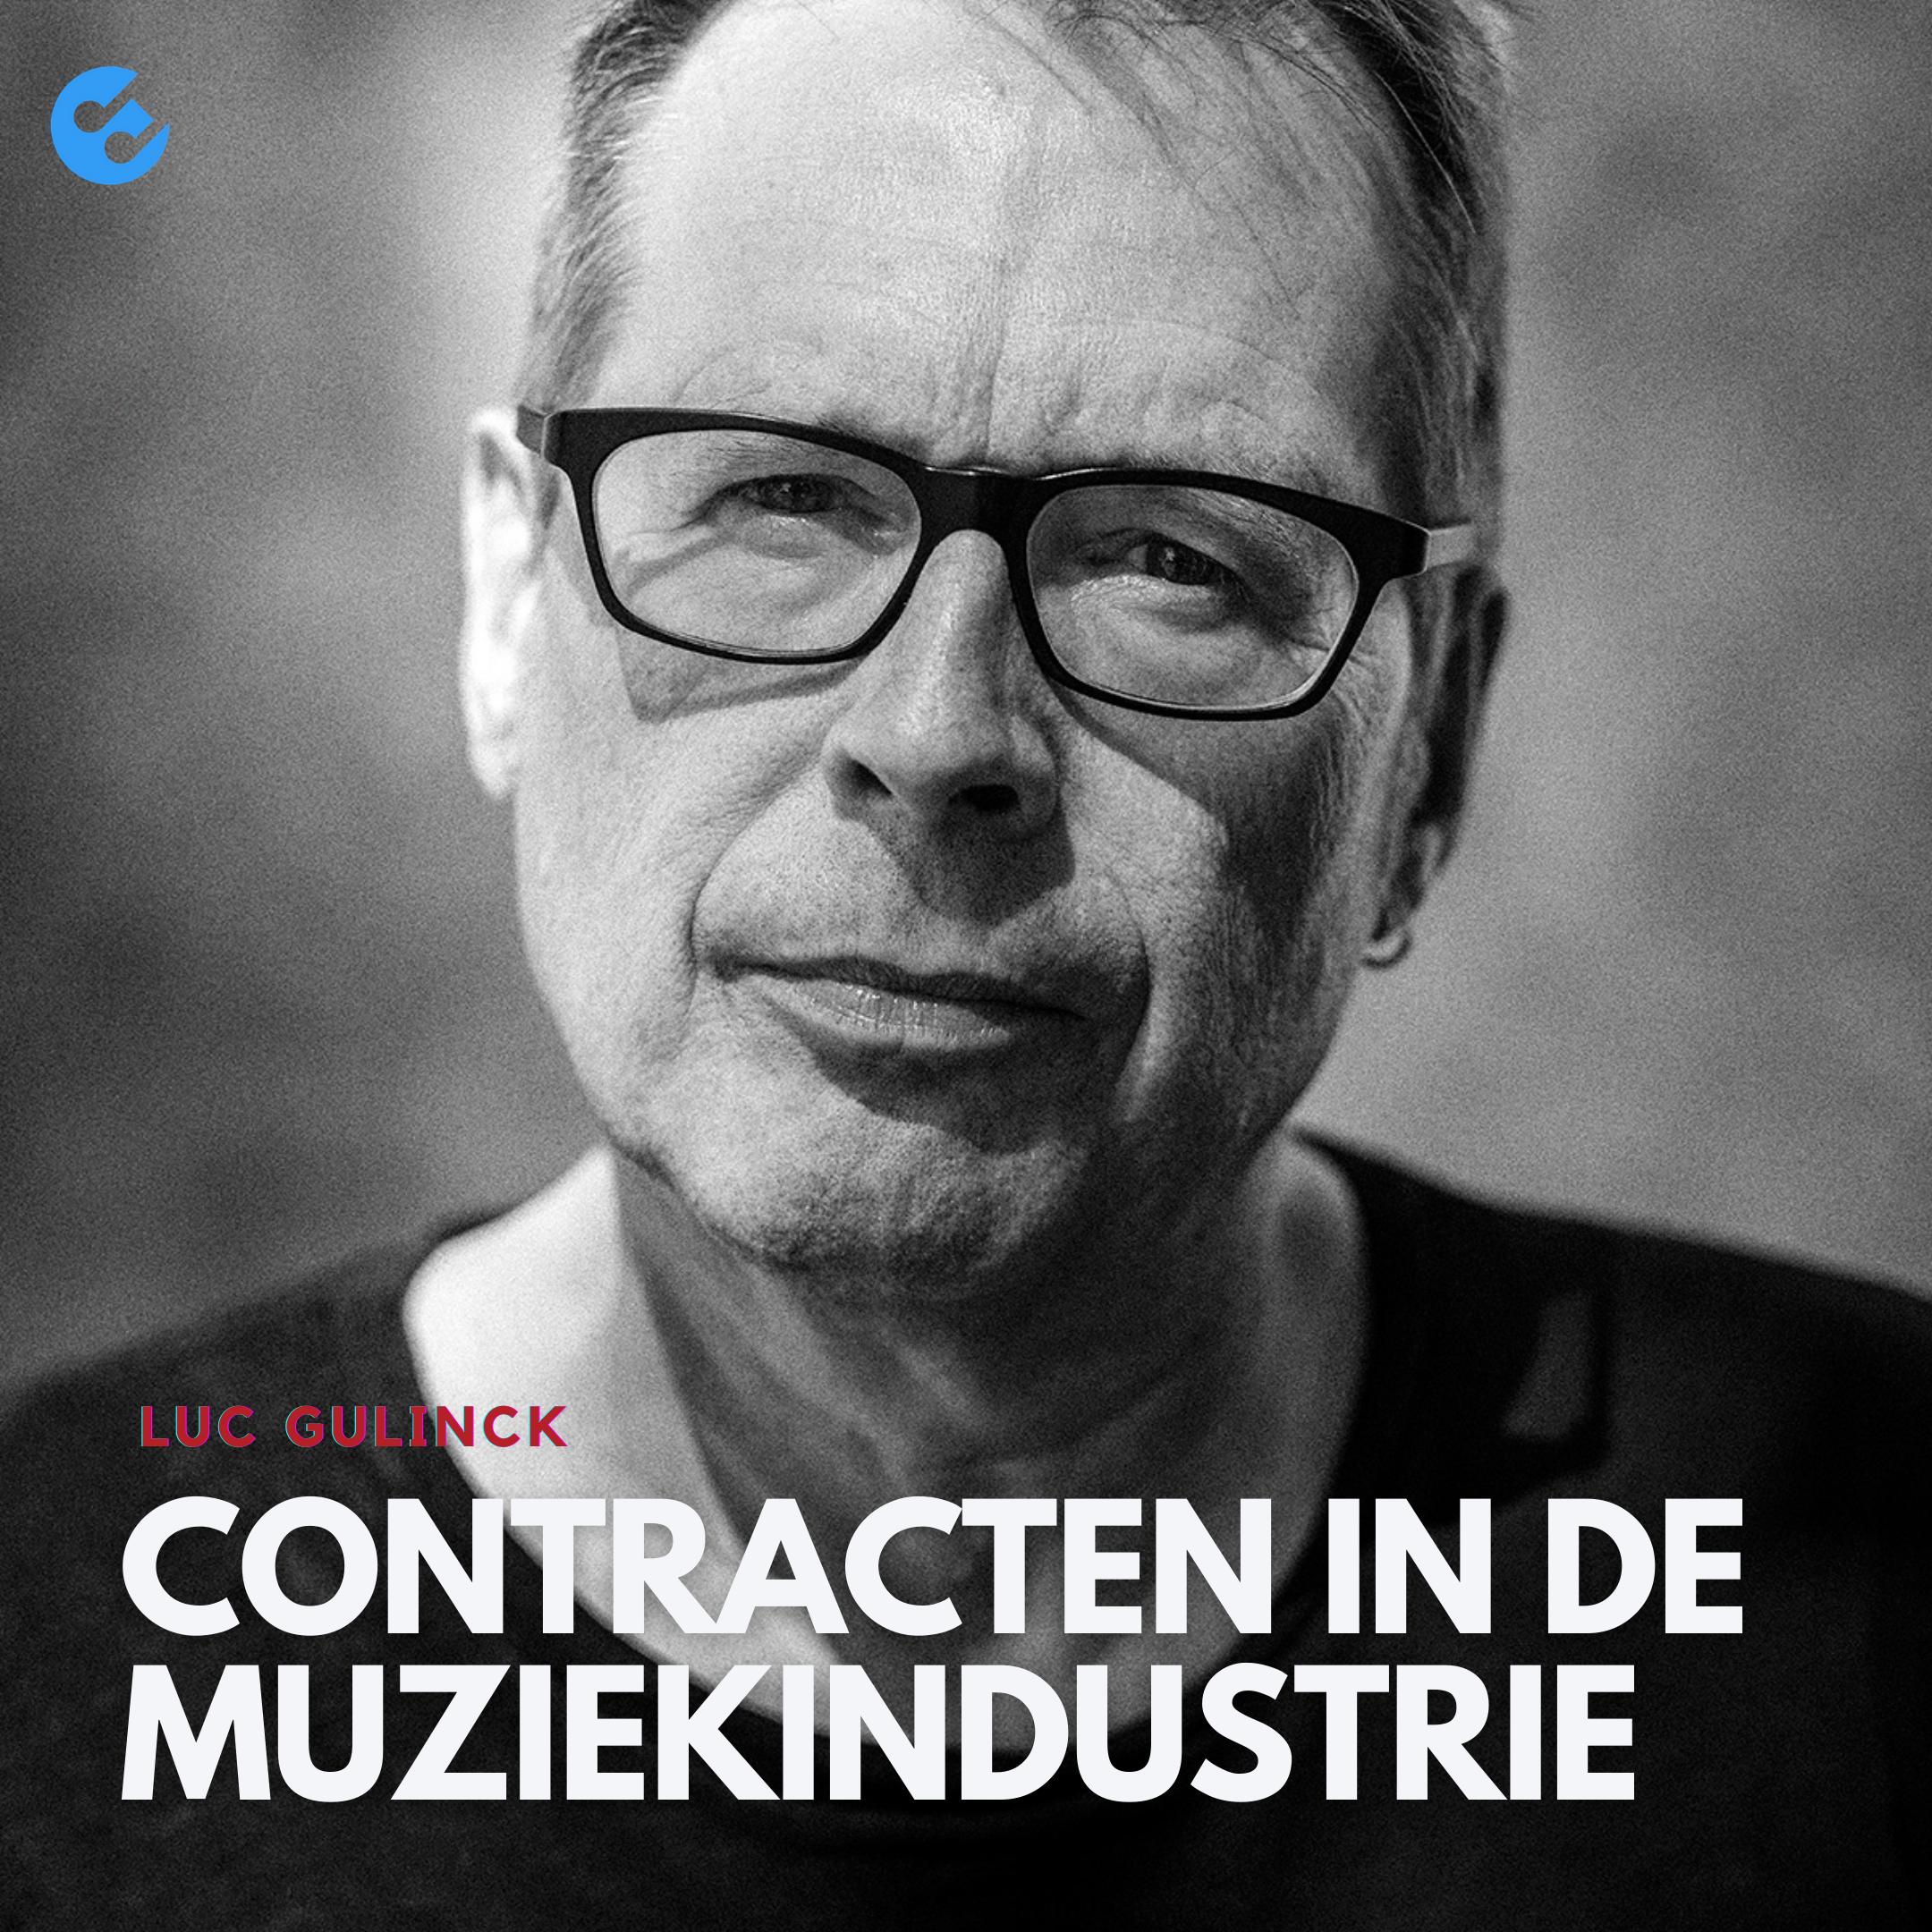 luc gulinck contracten in de muziekindustrie